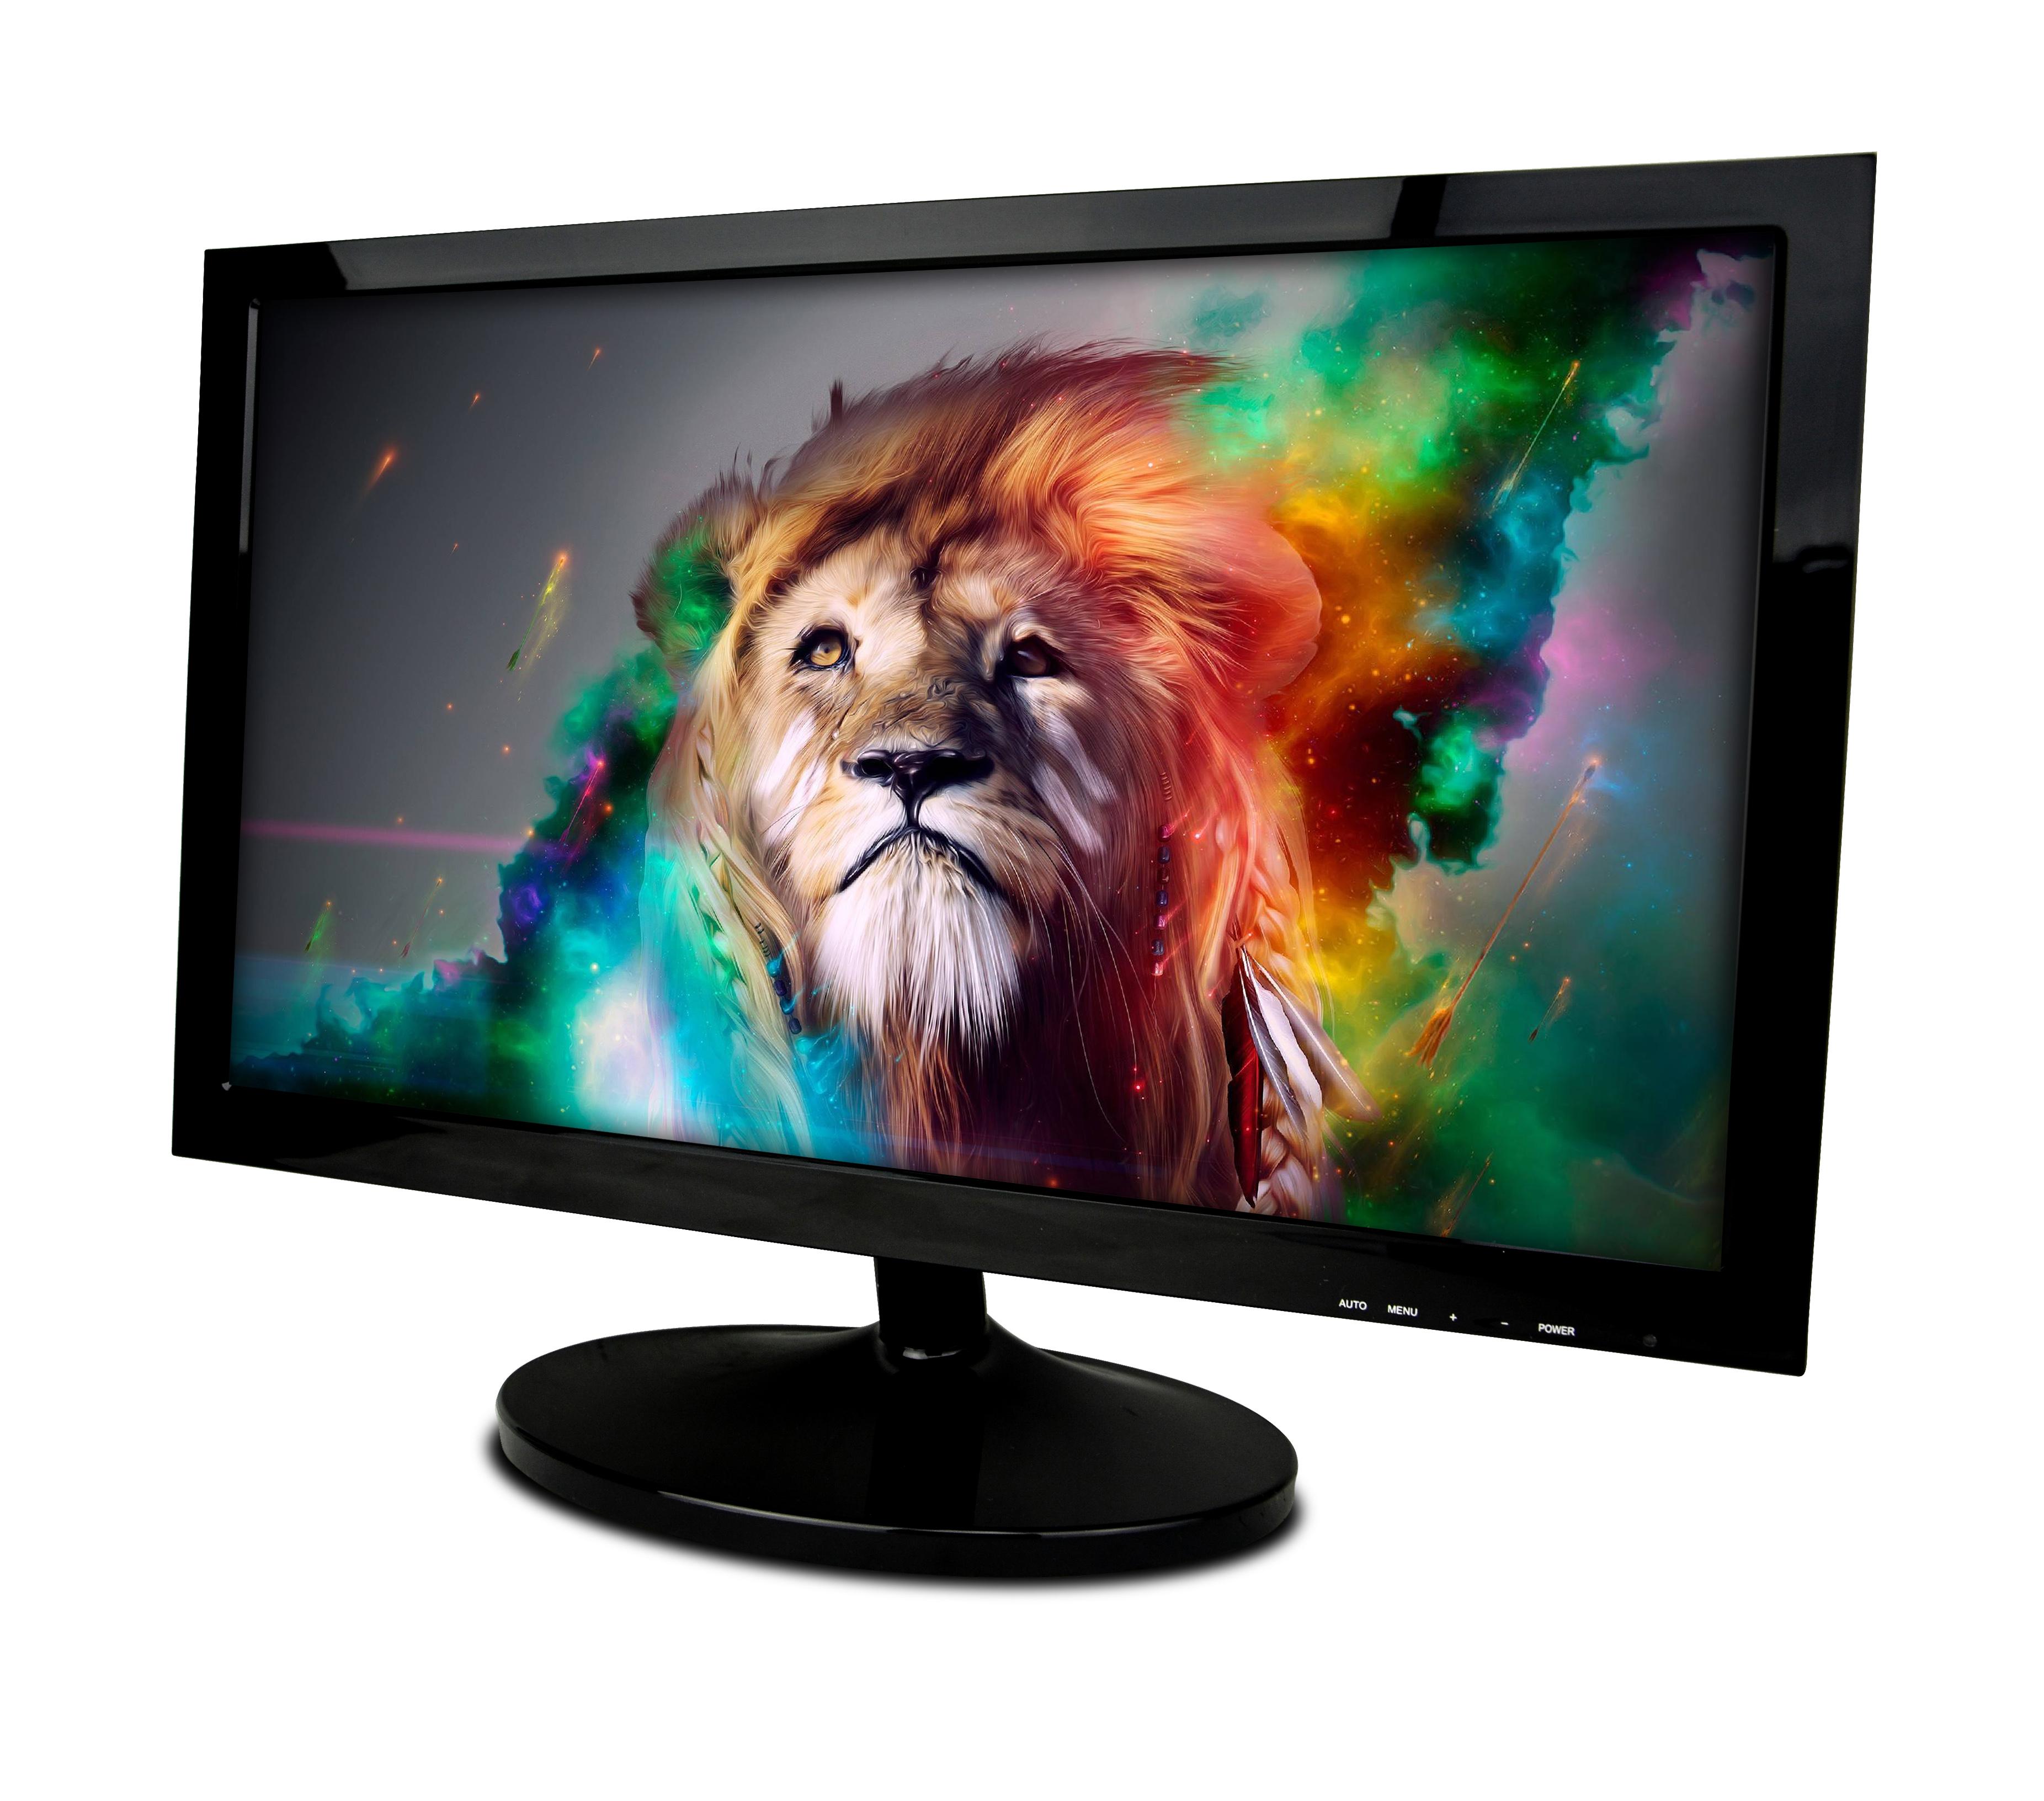 Mecer 19.5″ TFT LED Wide Monitor